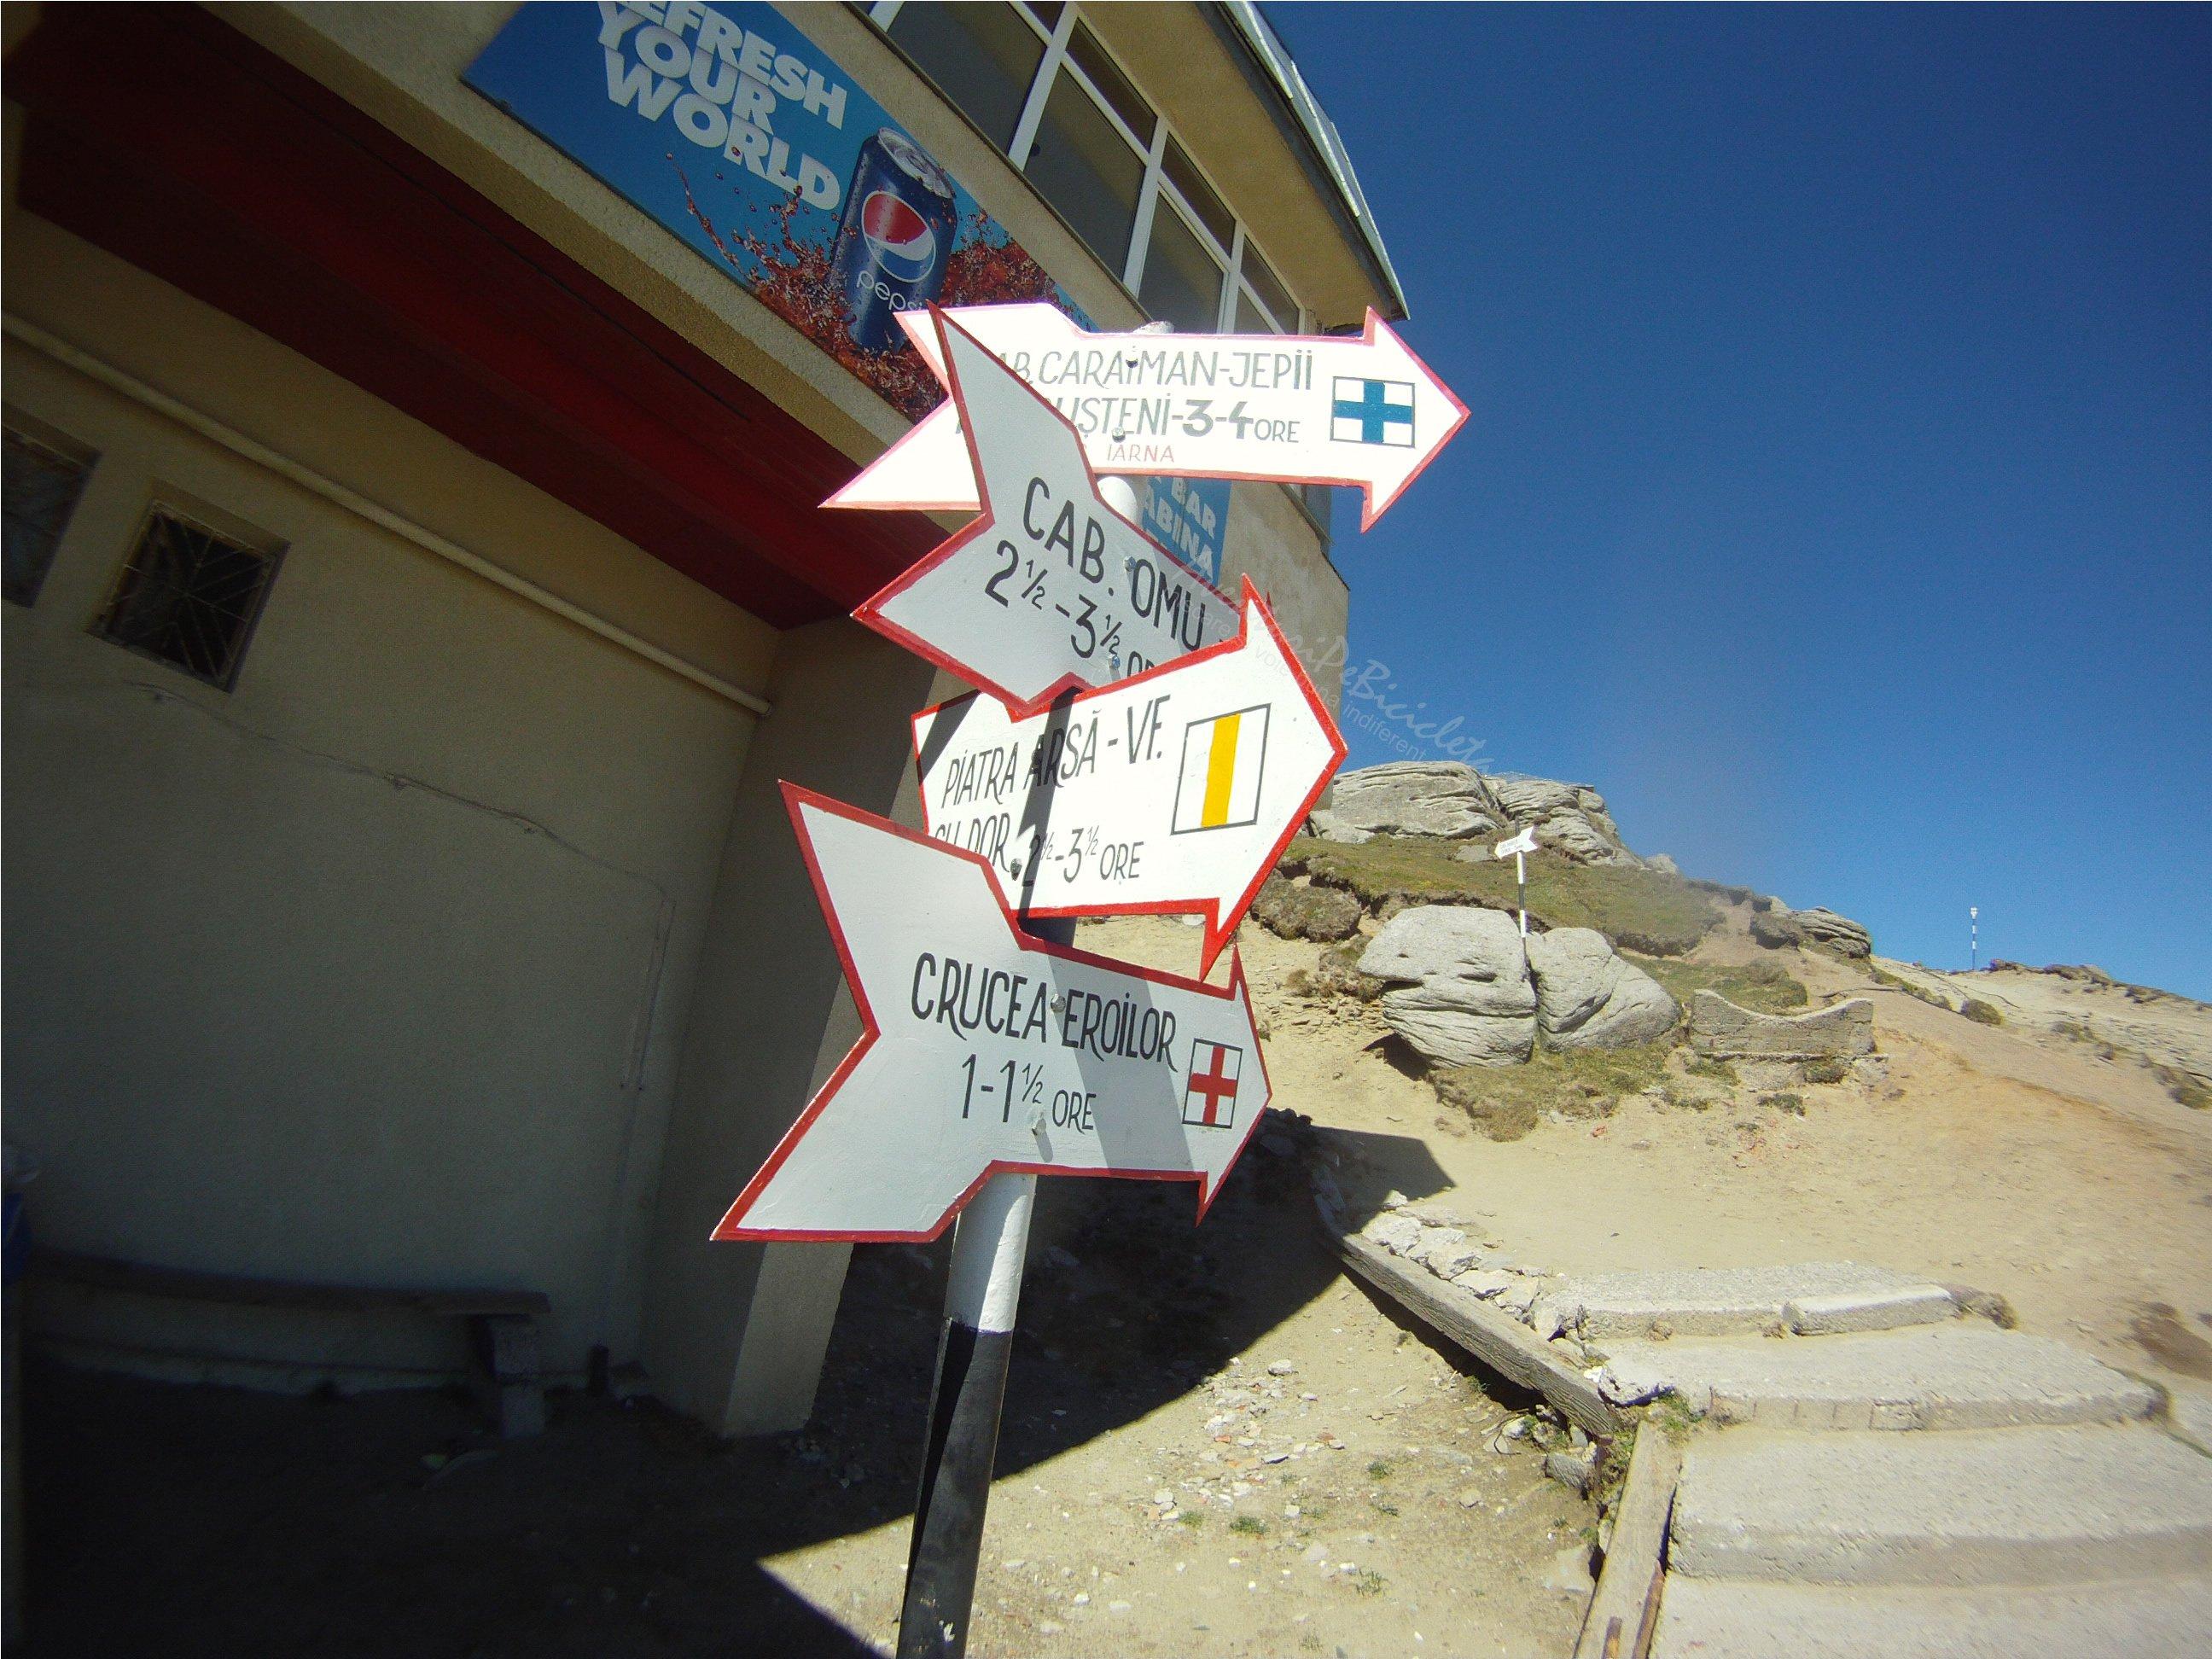 Aventuri pe bicicleta – Tura MARE – Traseul: Babele – Sfinxul – Crucea Eroilor (Cruce Caraiman)